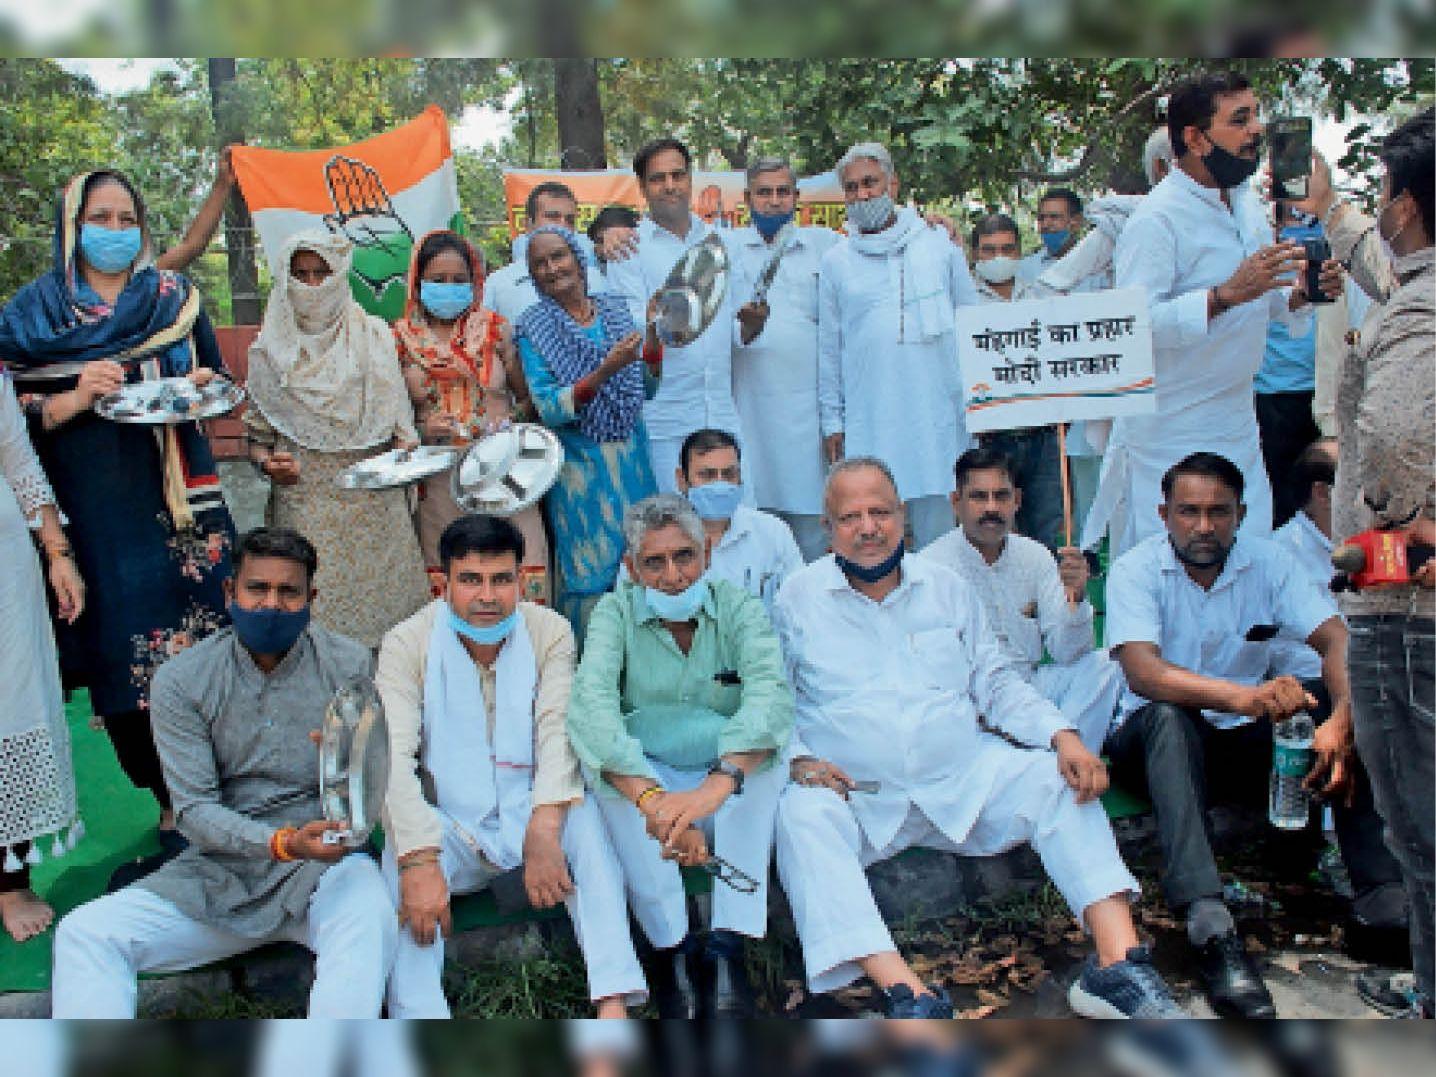 बढ़ती महंगाई को लेकर अखिल भारतीय कांग्रेस कमेटी के सदस्य व कार्यकर्ता लघु सचिवालय के बाहर थाली व चम्मच बजाकर सरकार के खिलाफ नारेबाजी करते हुए। - Dainik Bhaskar